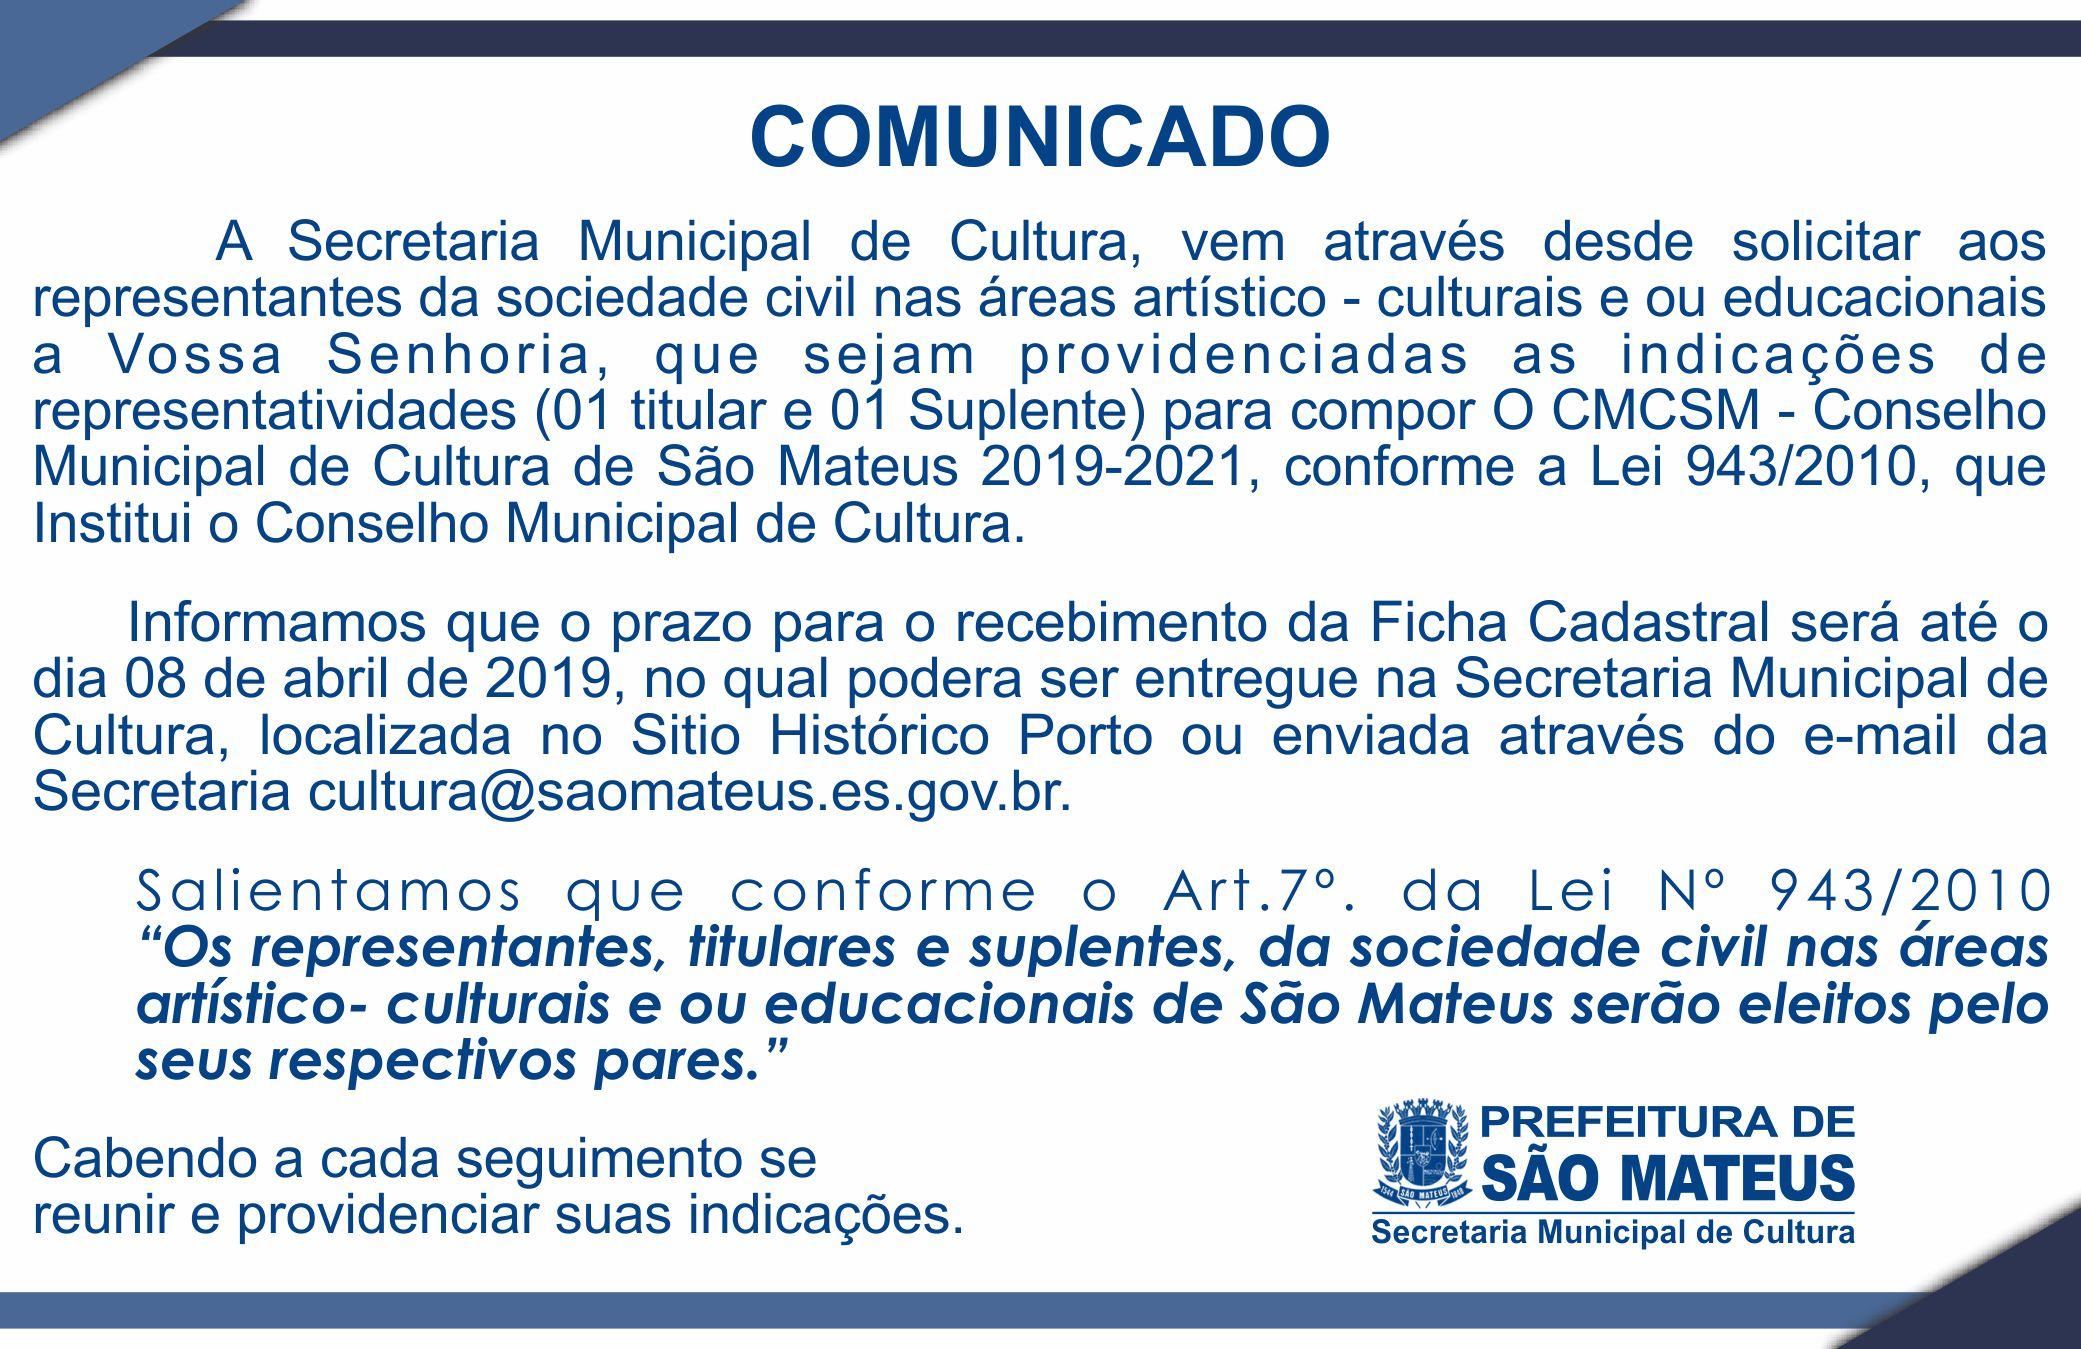 COMUNICADO -  COMPOSIÇÃO DO CONSELHO MUNICIPAL DE CULTURA